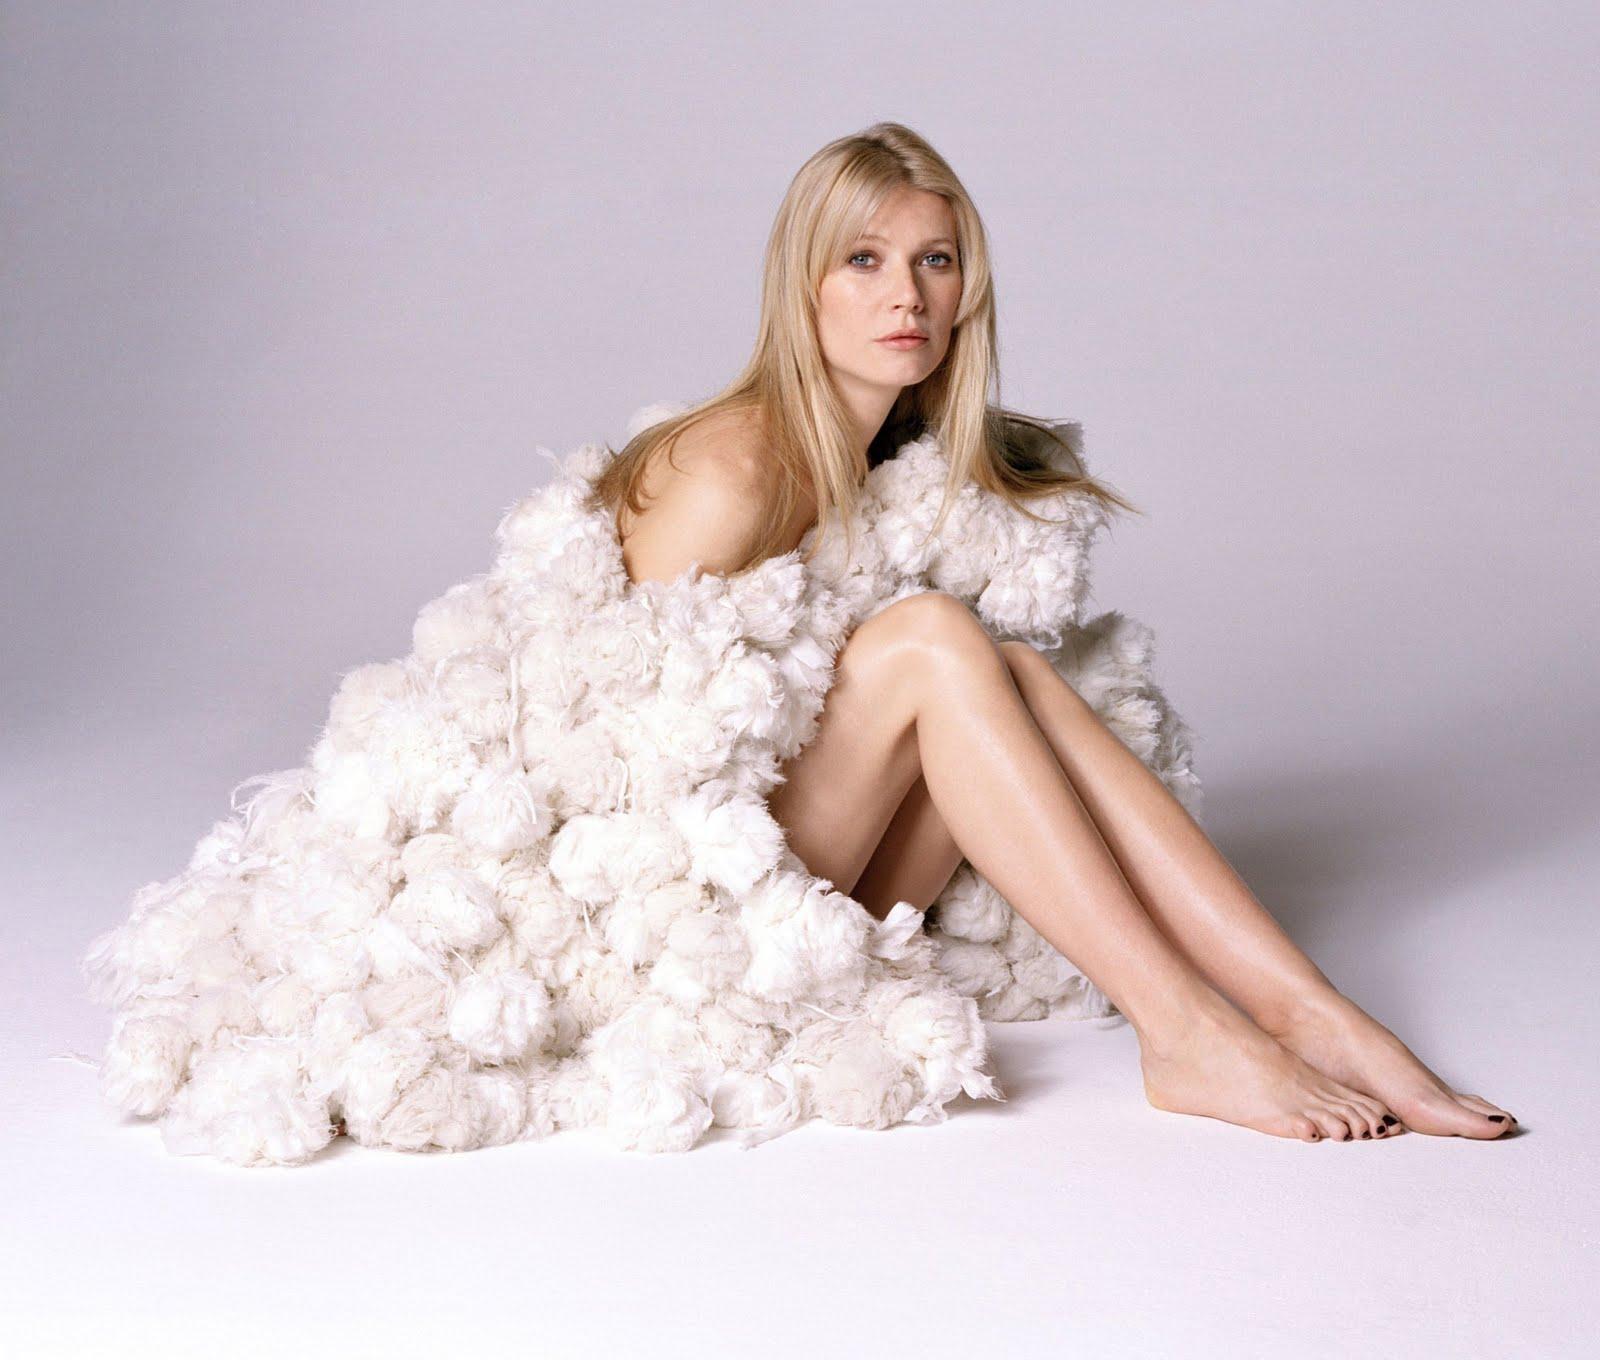 http://3.bp.blogspot.com/_UaLWp72nij4/S8y6hmj6q3I/AAAAAAAAH0Q/ITnZARS55Cg/s1600/gwyneth-paltrow-feet.jpg